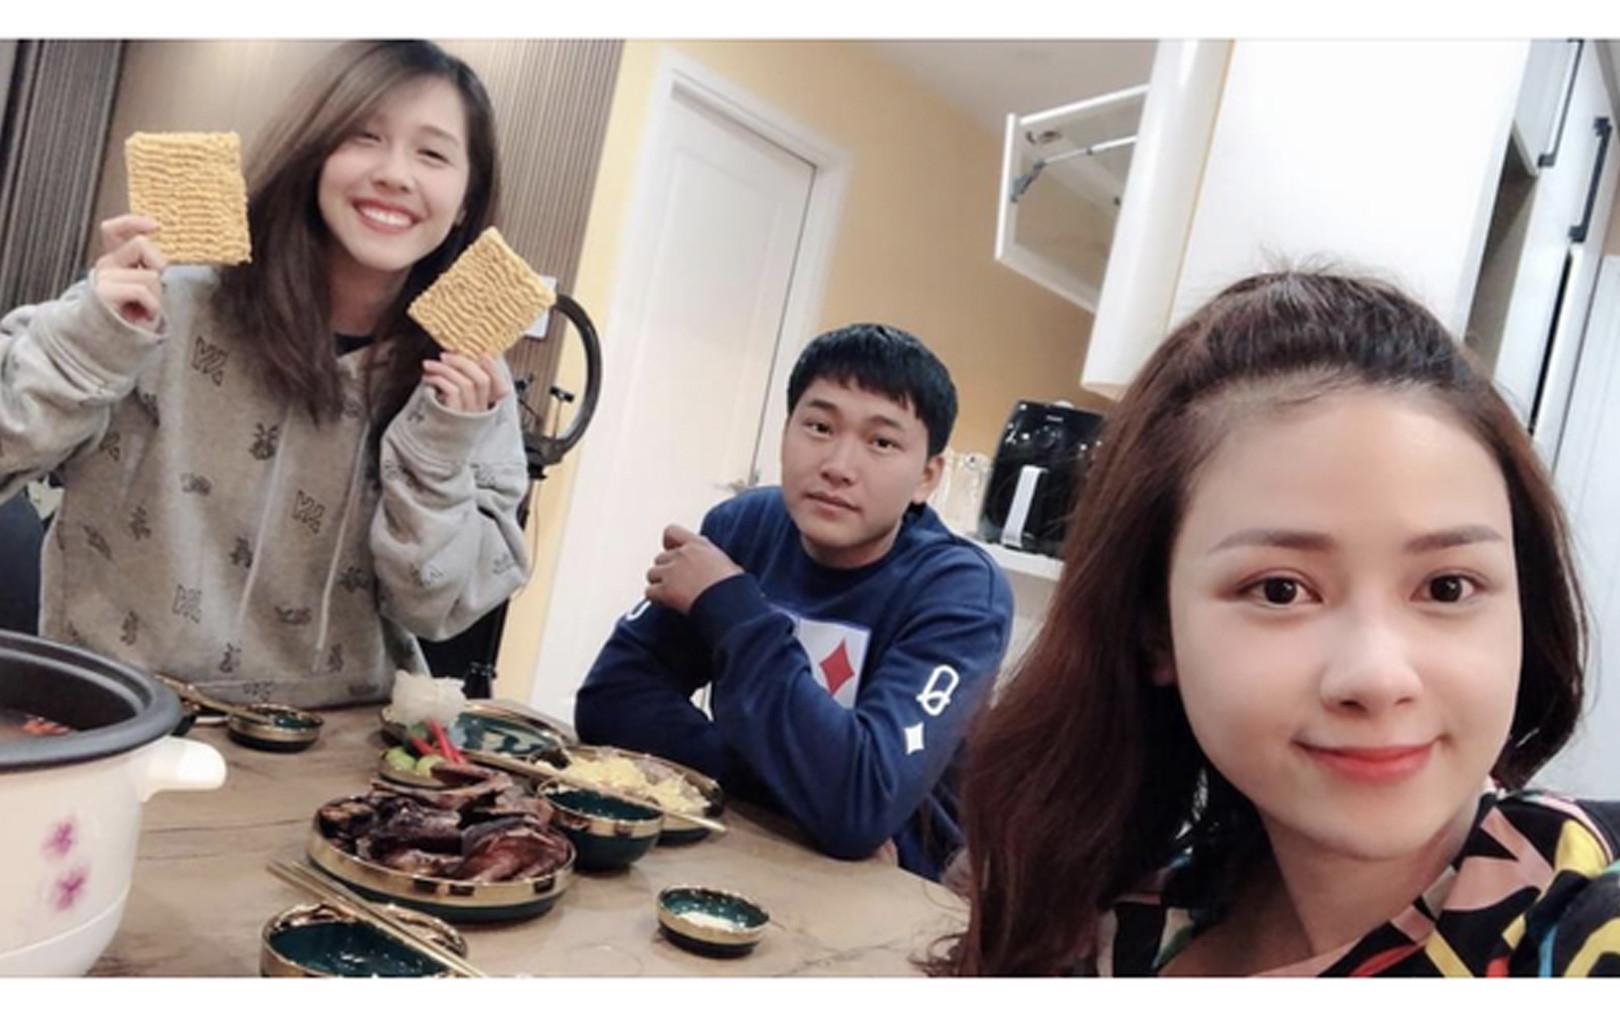 Mũi trưởng Long chính thức có mặt trên bàn ăn cùng Hậu Hoàng và Dương Hoàng Yến tại Hà Nội